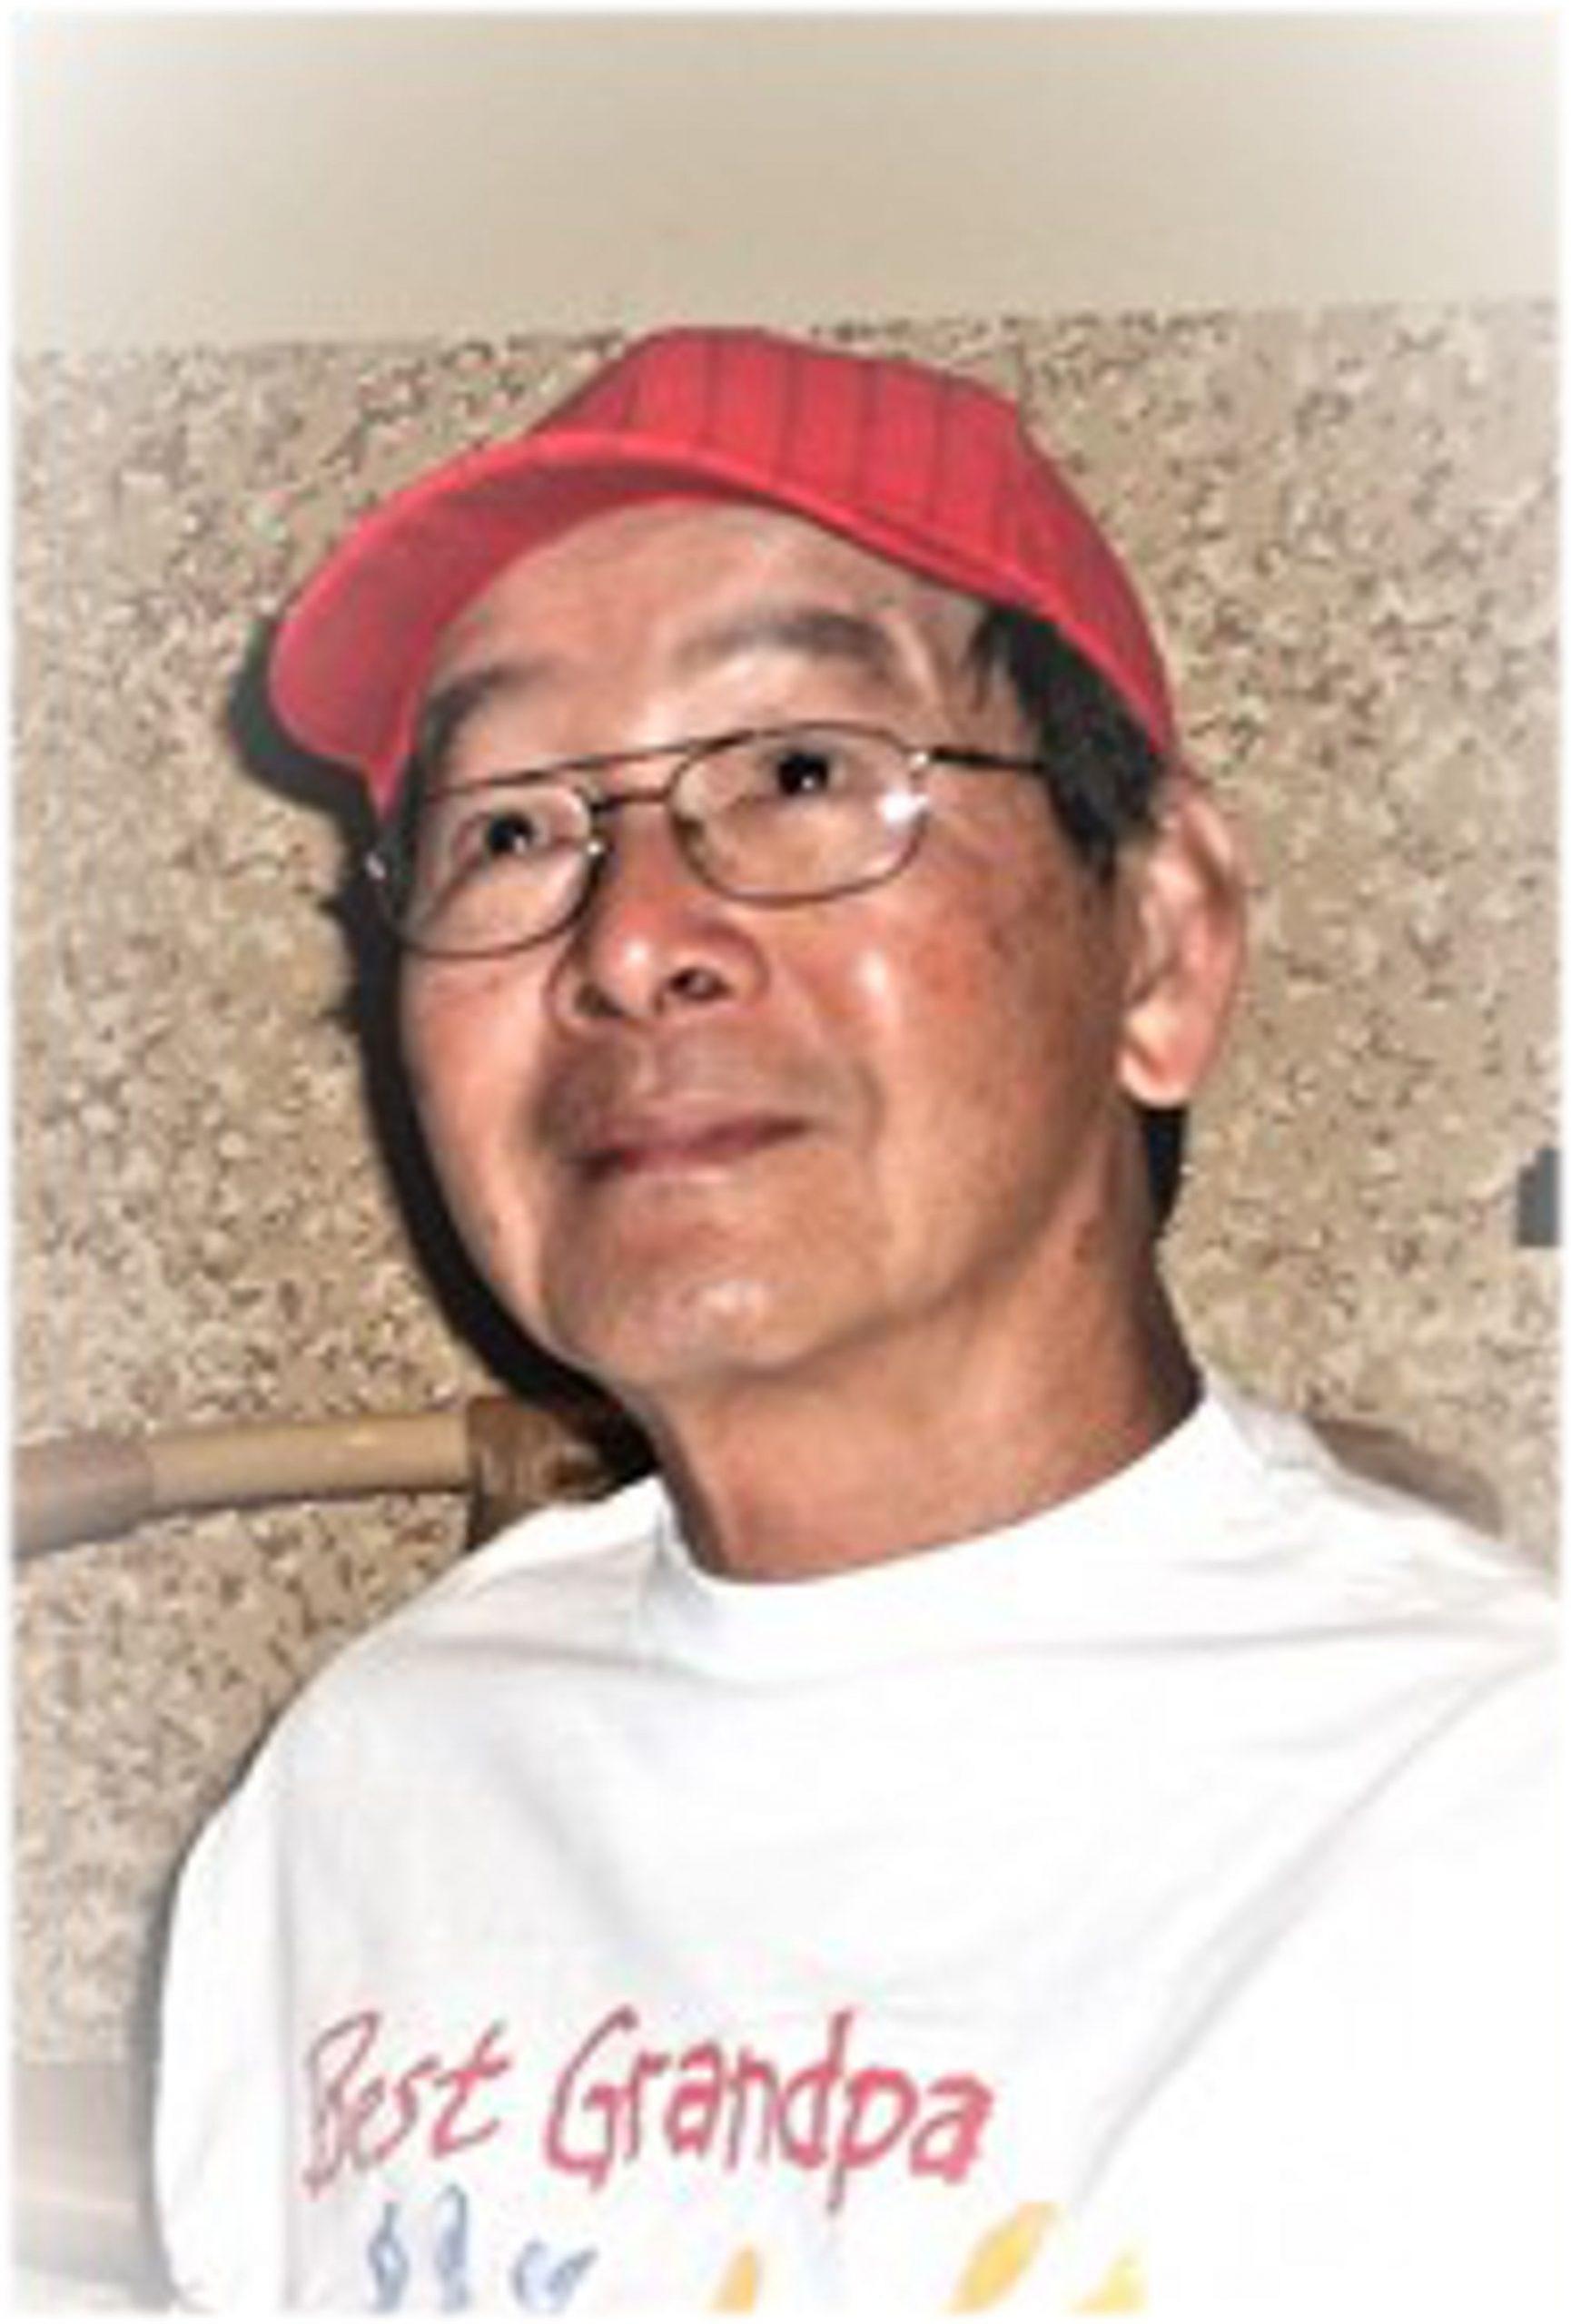 Fredrick G. Wong